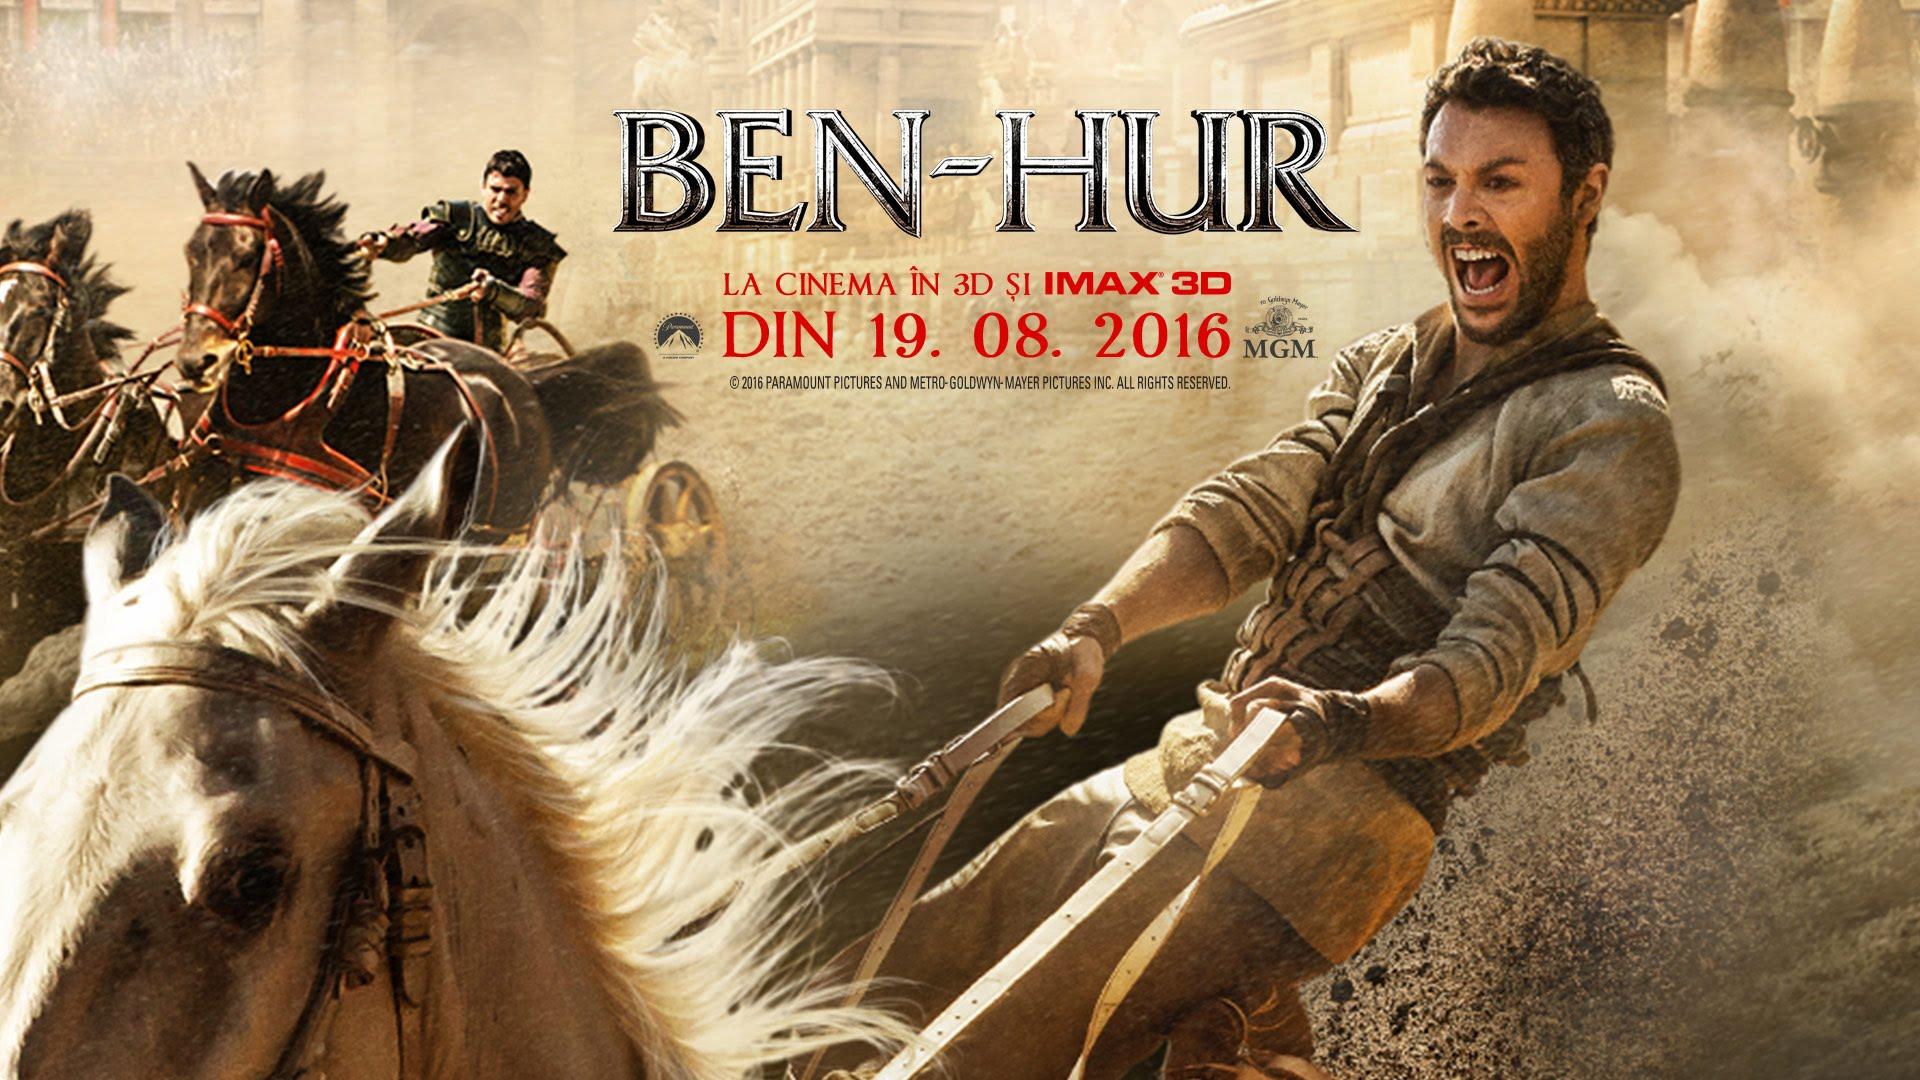 Ben-Hur (2016) Backgrounds, Compatible - PC, Mobile, Gadgets  1920x1080 px